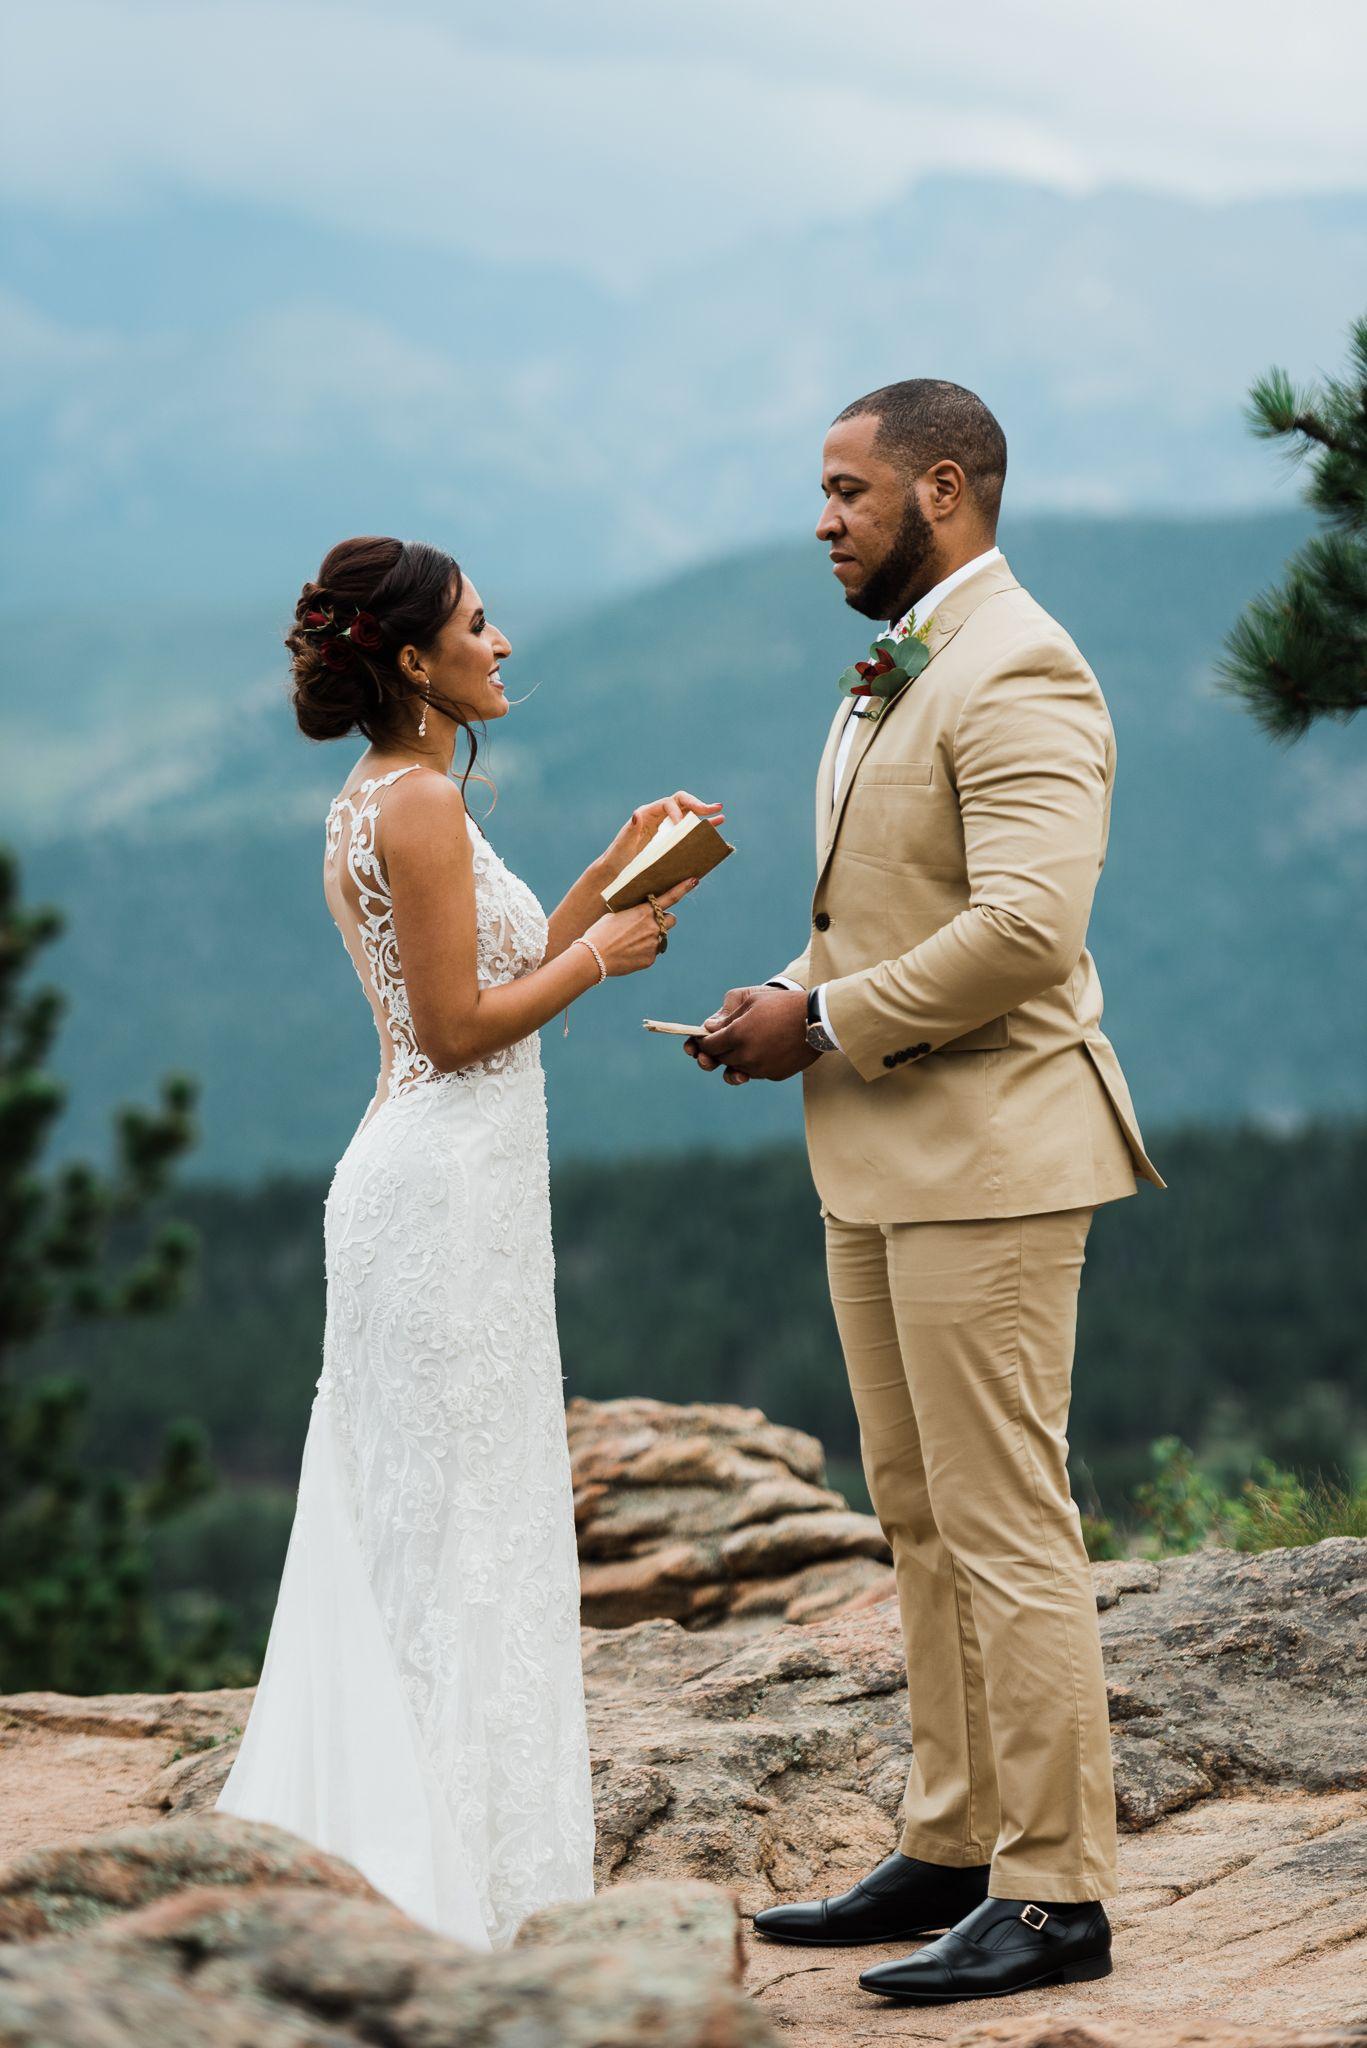 Colorado Elopement Packages Elope In Colorado The Easy Way Colorado Elopement Summer Wedding Outfits Summer Wedding Outfit Guest